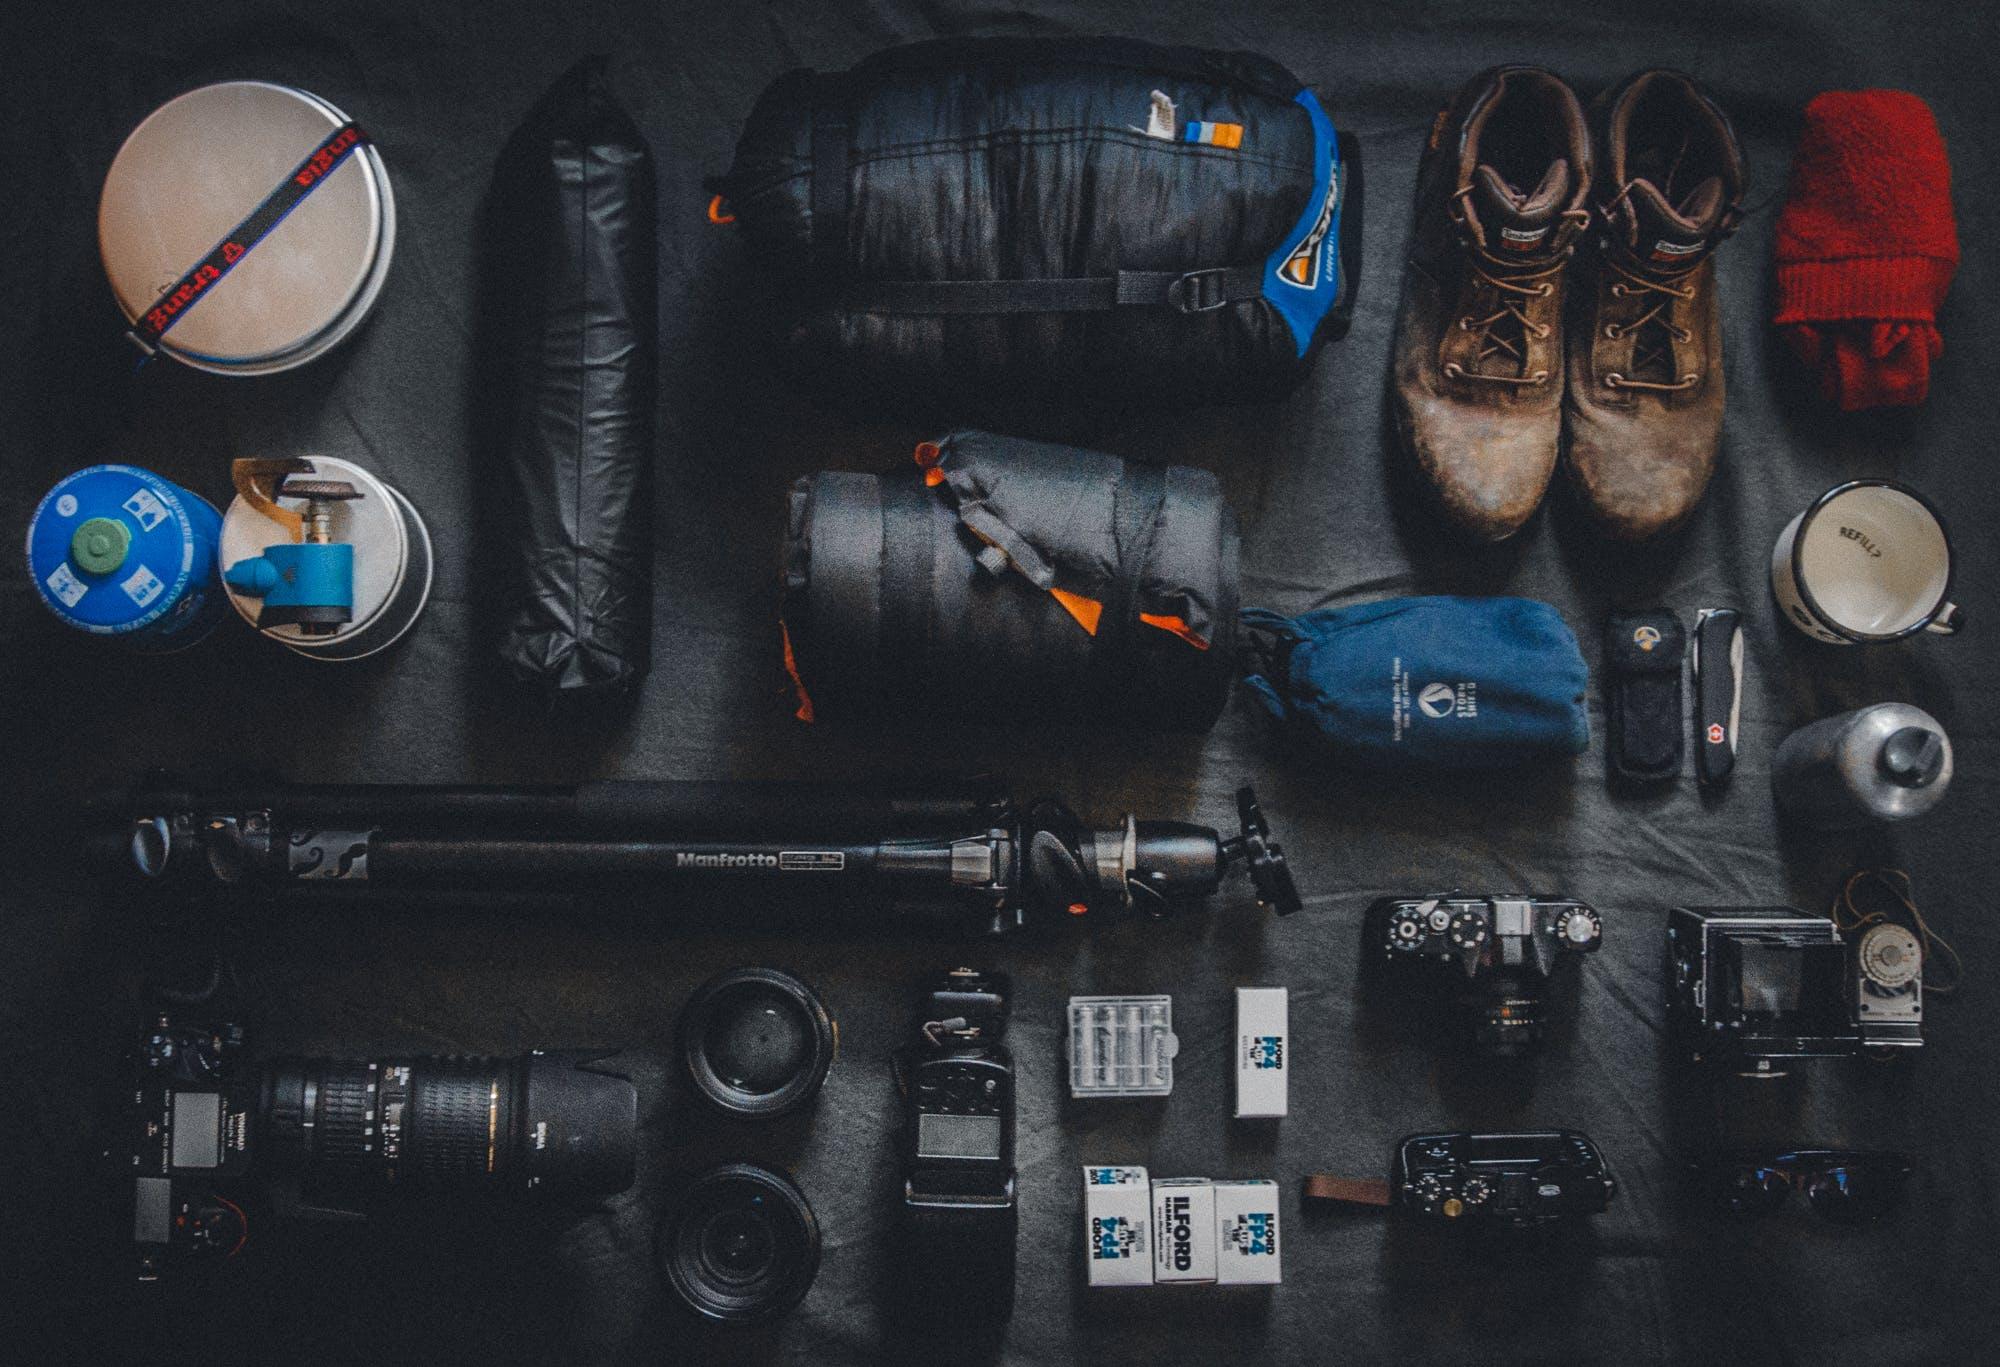 ausrüstung, bildschirm, display